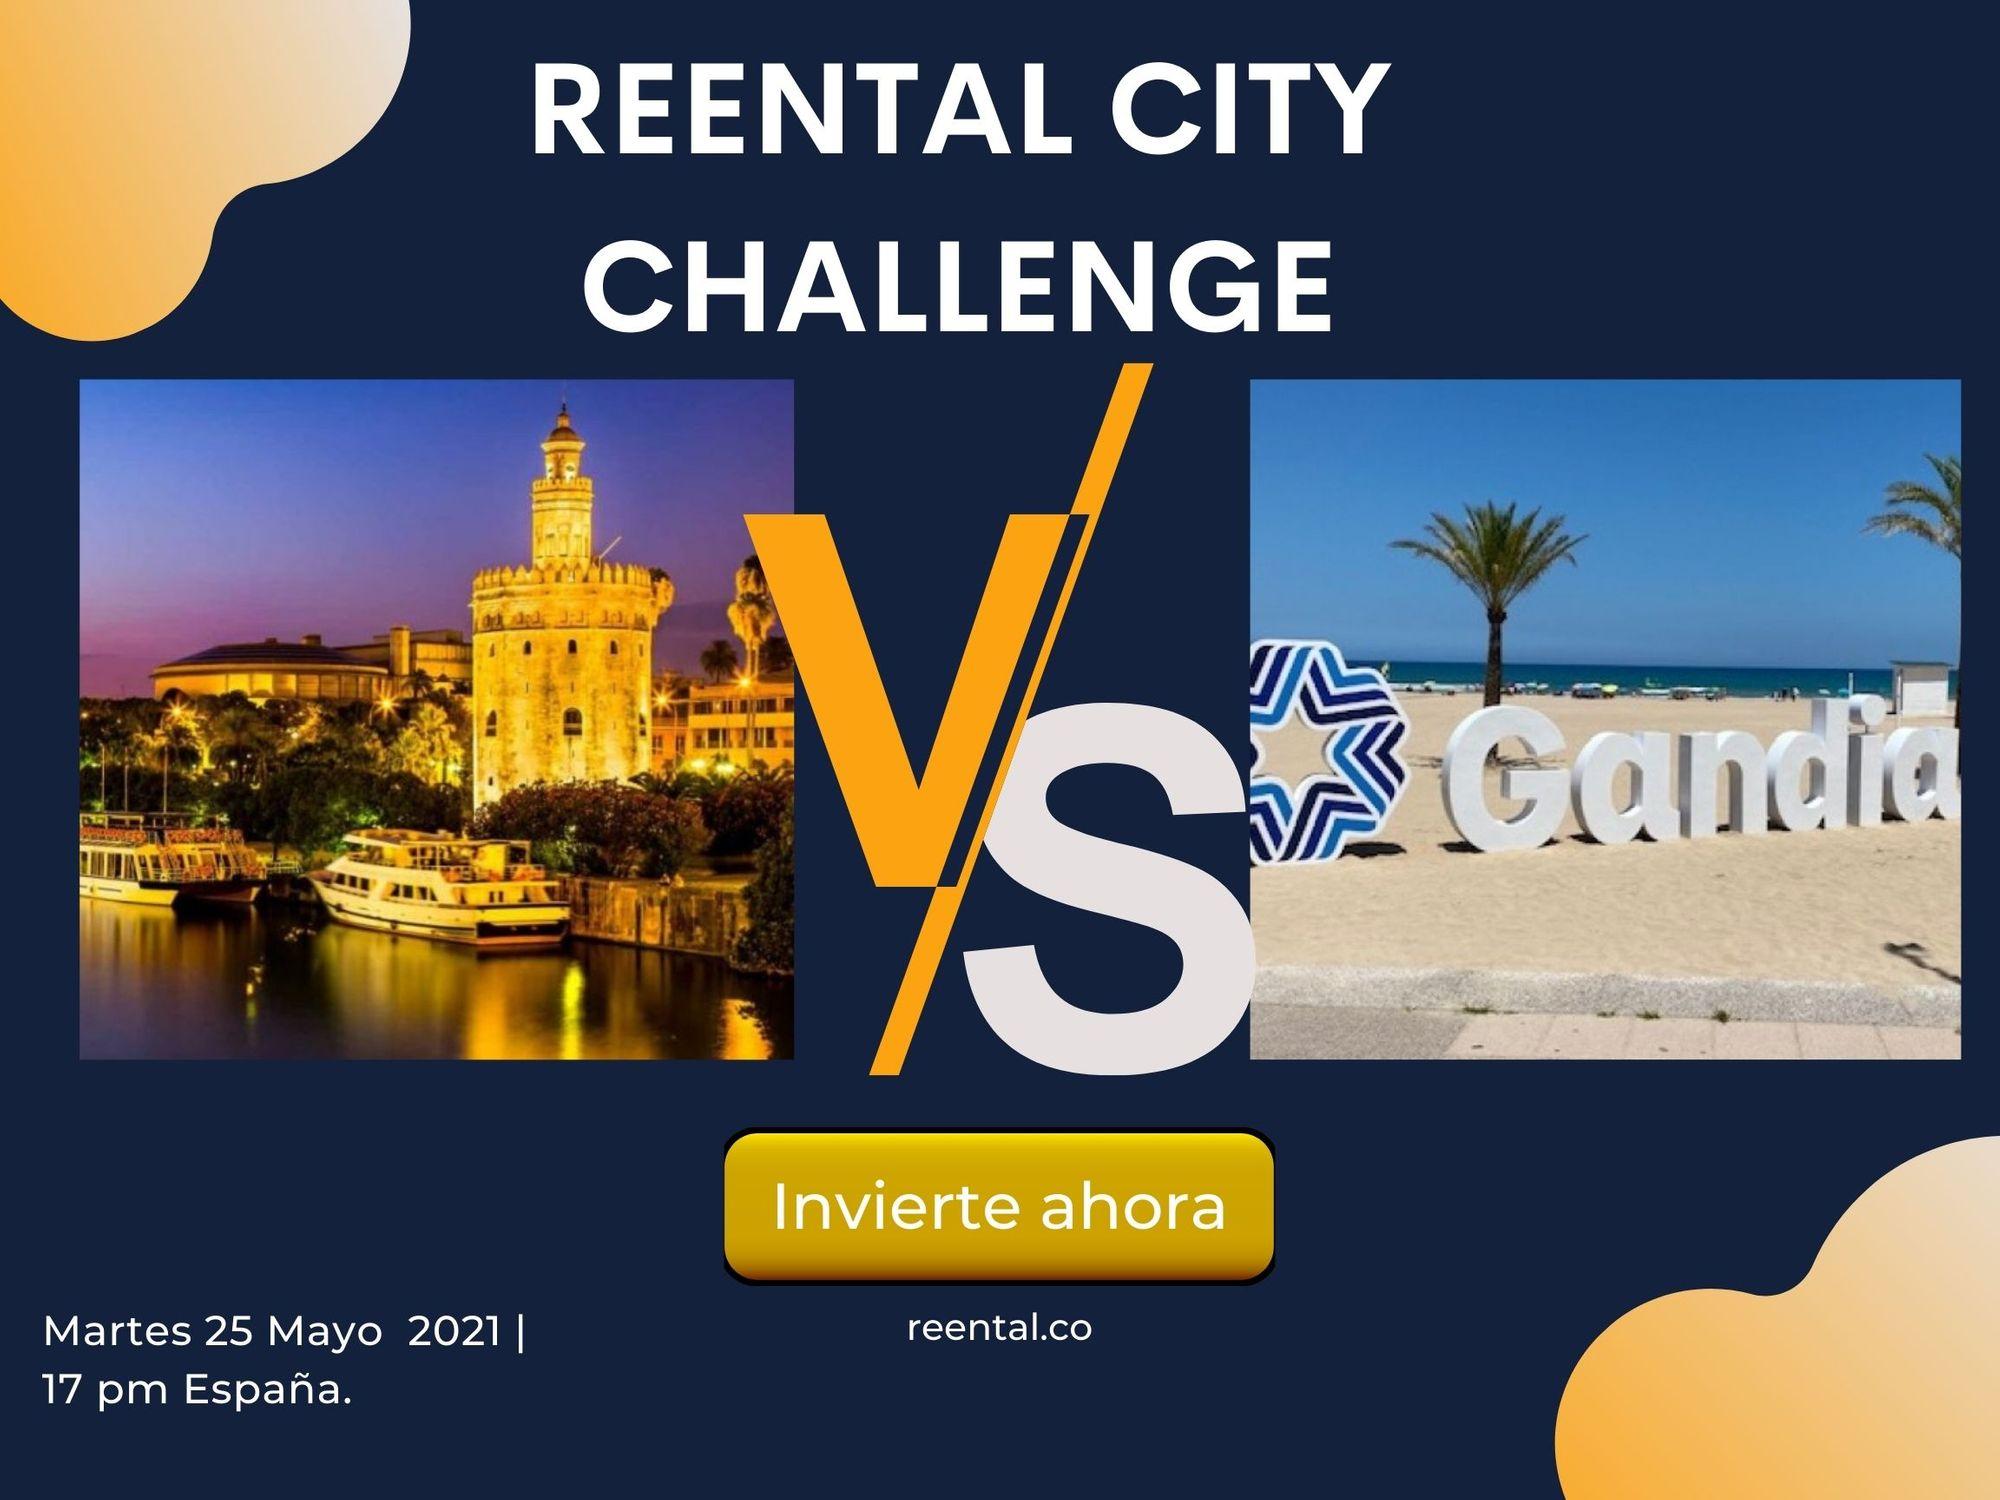 Sevilla vs Gandia ! Lanzamos nuestro primer Challenge.